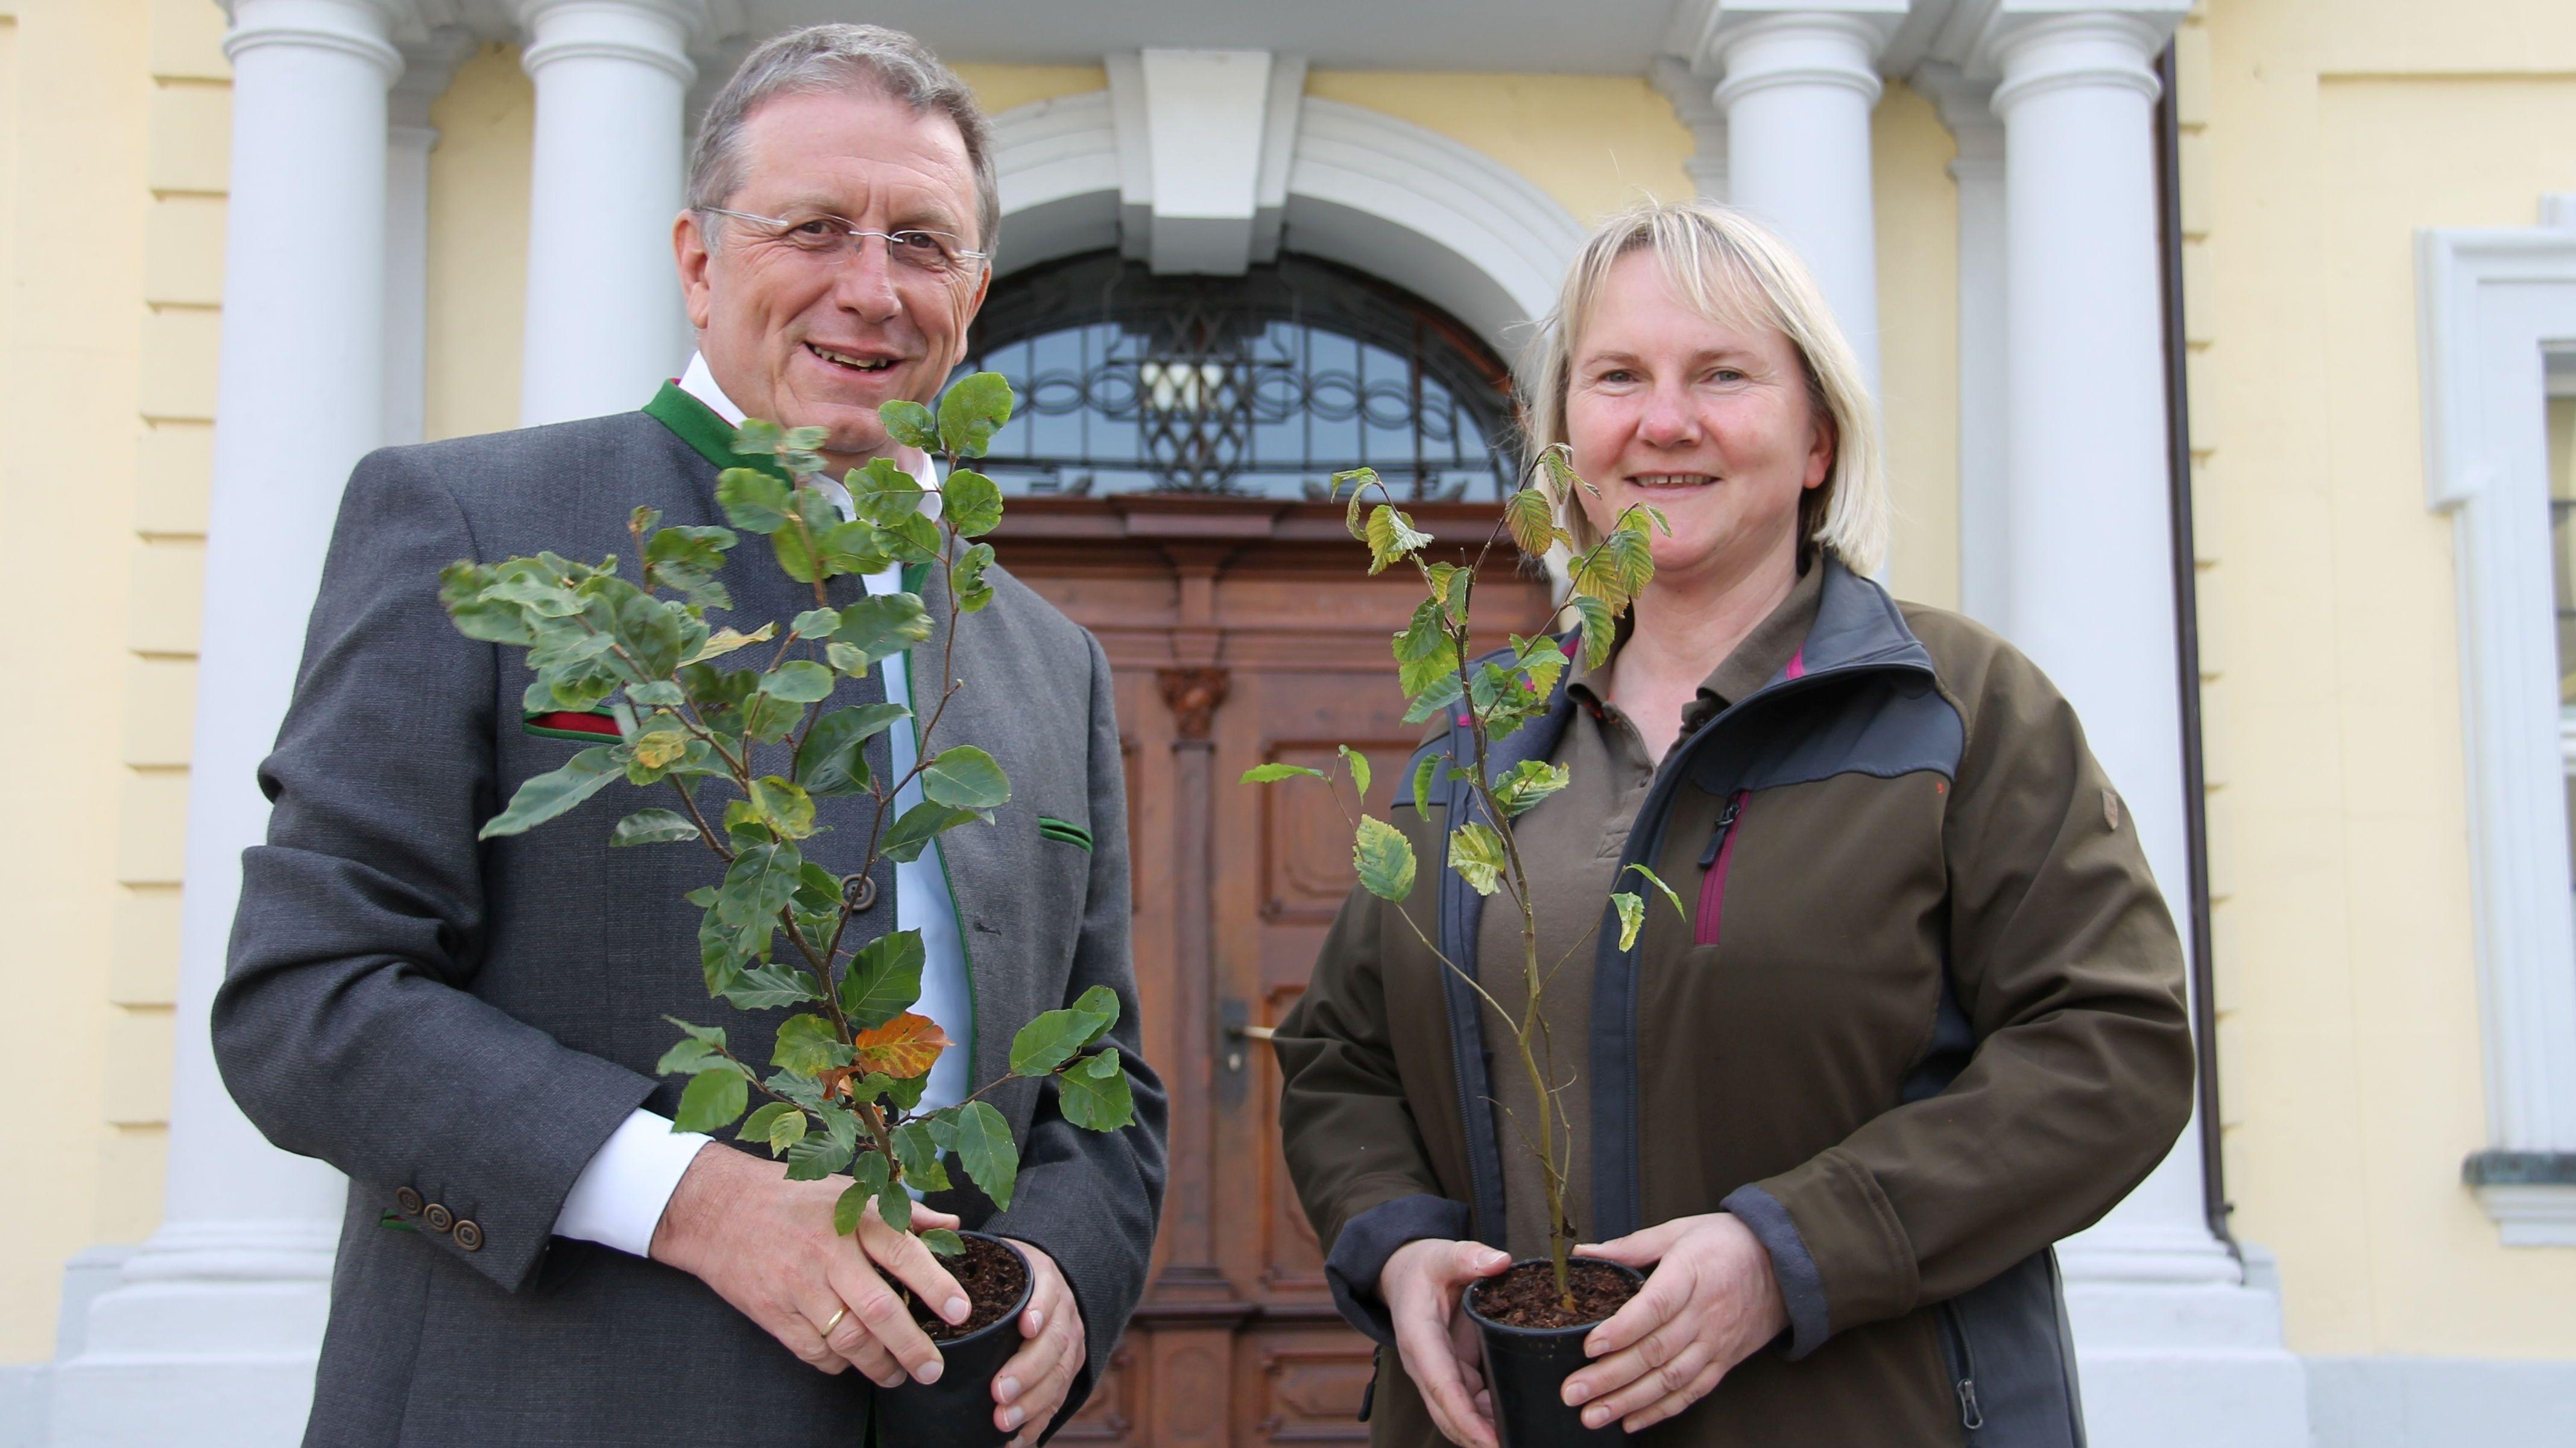 Oberbürgermeister Henry Schramm und Kulmbachs Stadtförsterin Carmen Hombach stehen vor dem Rathaus und halten Baumpflanzen in den Händen.